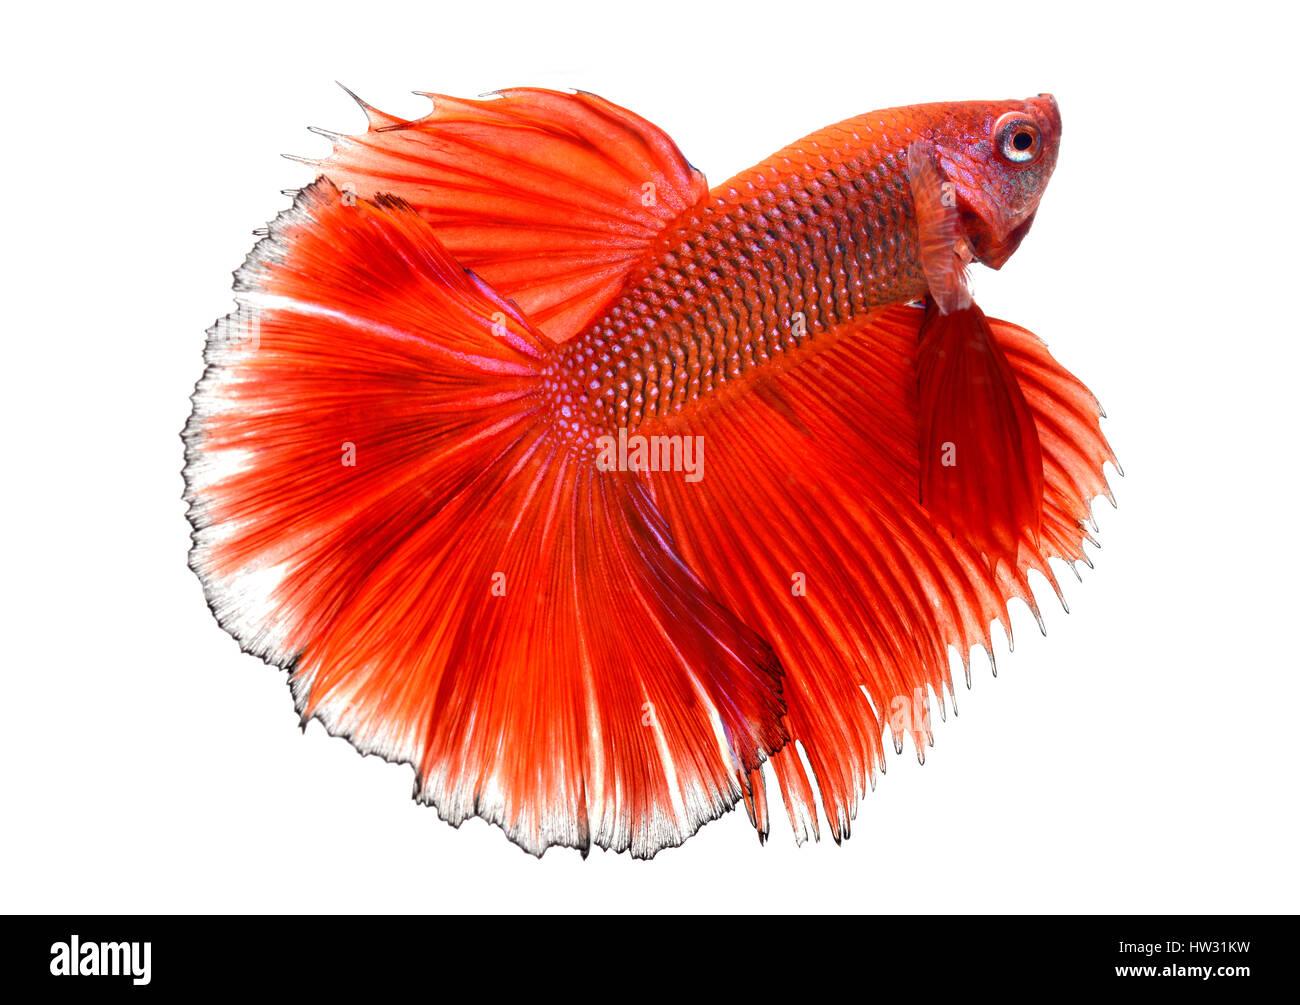 Betta peces en libertad de acción y mostrar la hermosa foto de cola de aletas en flash de iluminación. Imagen De Stock